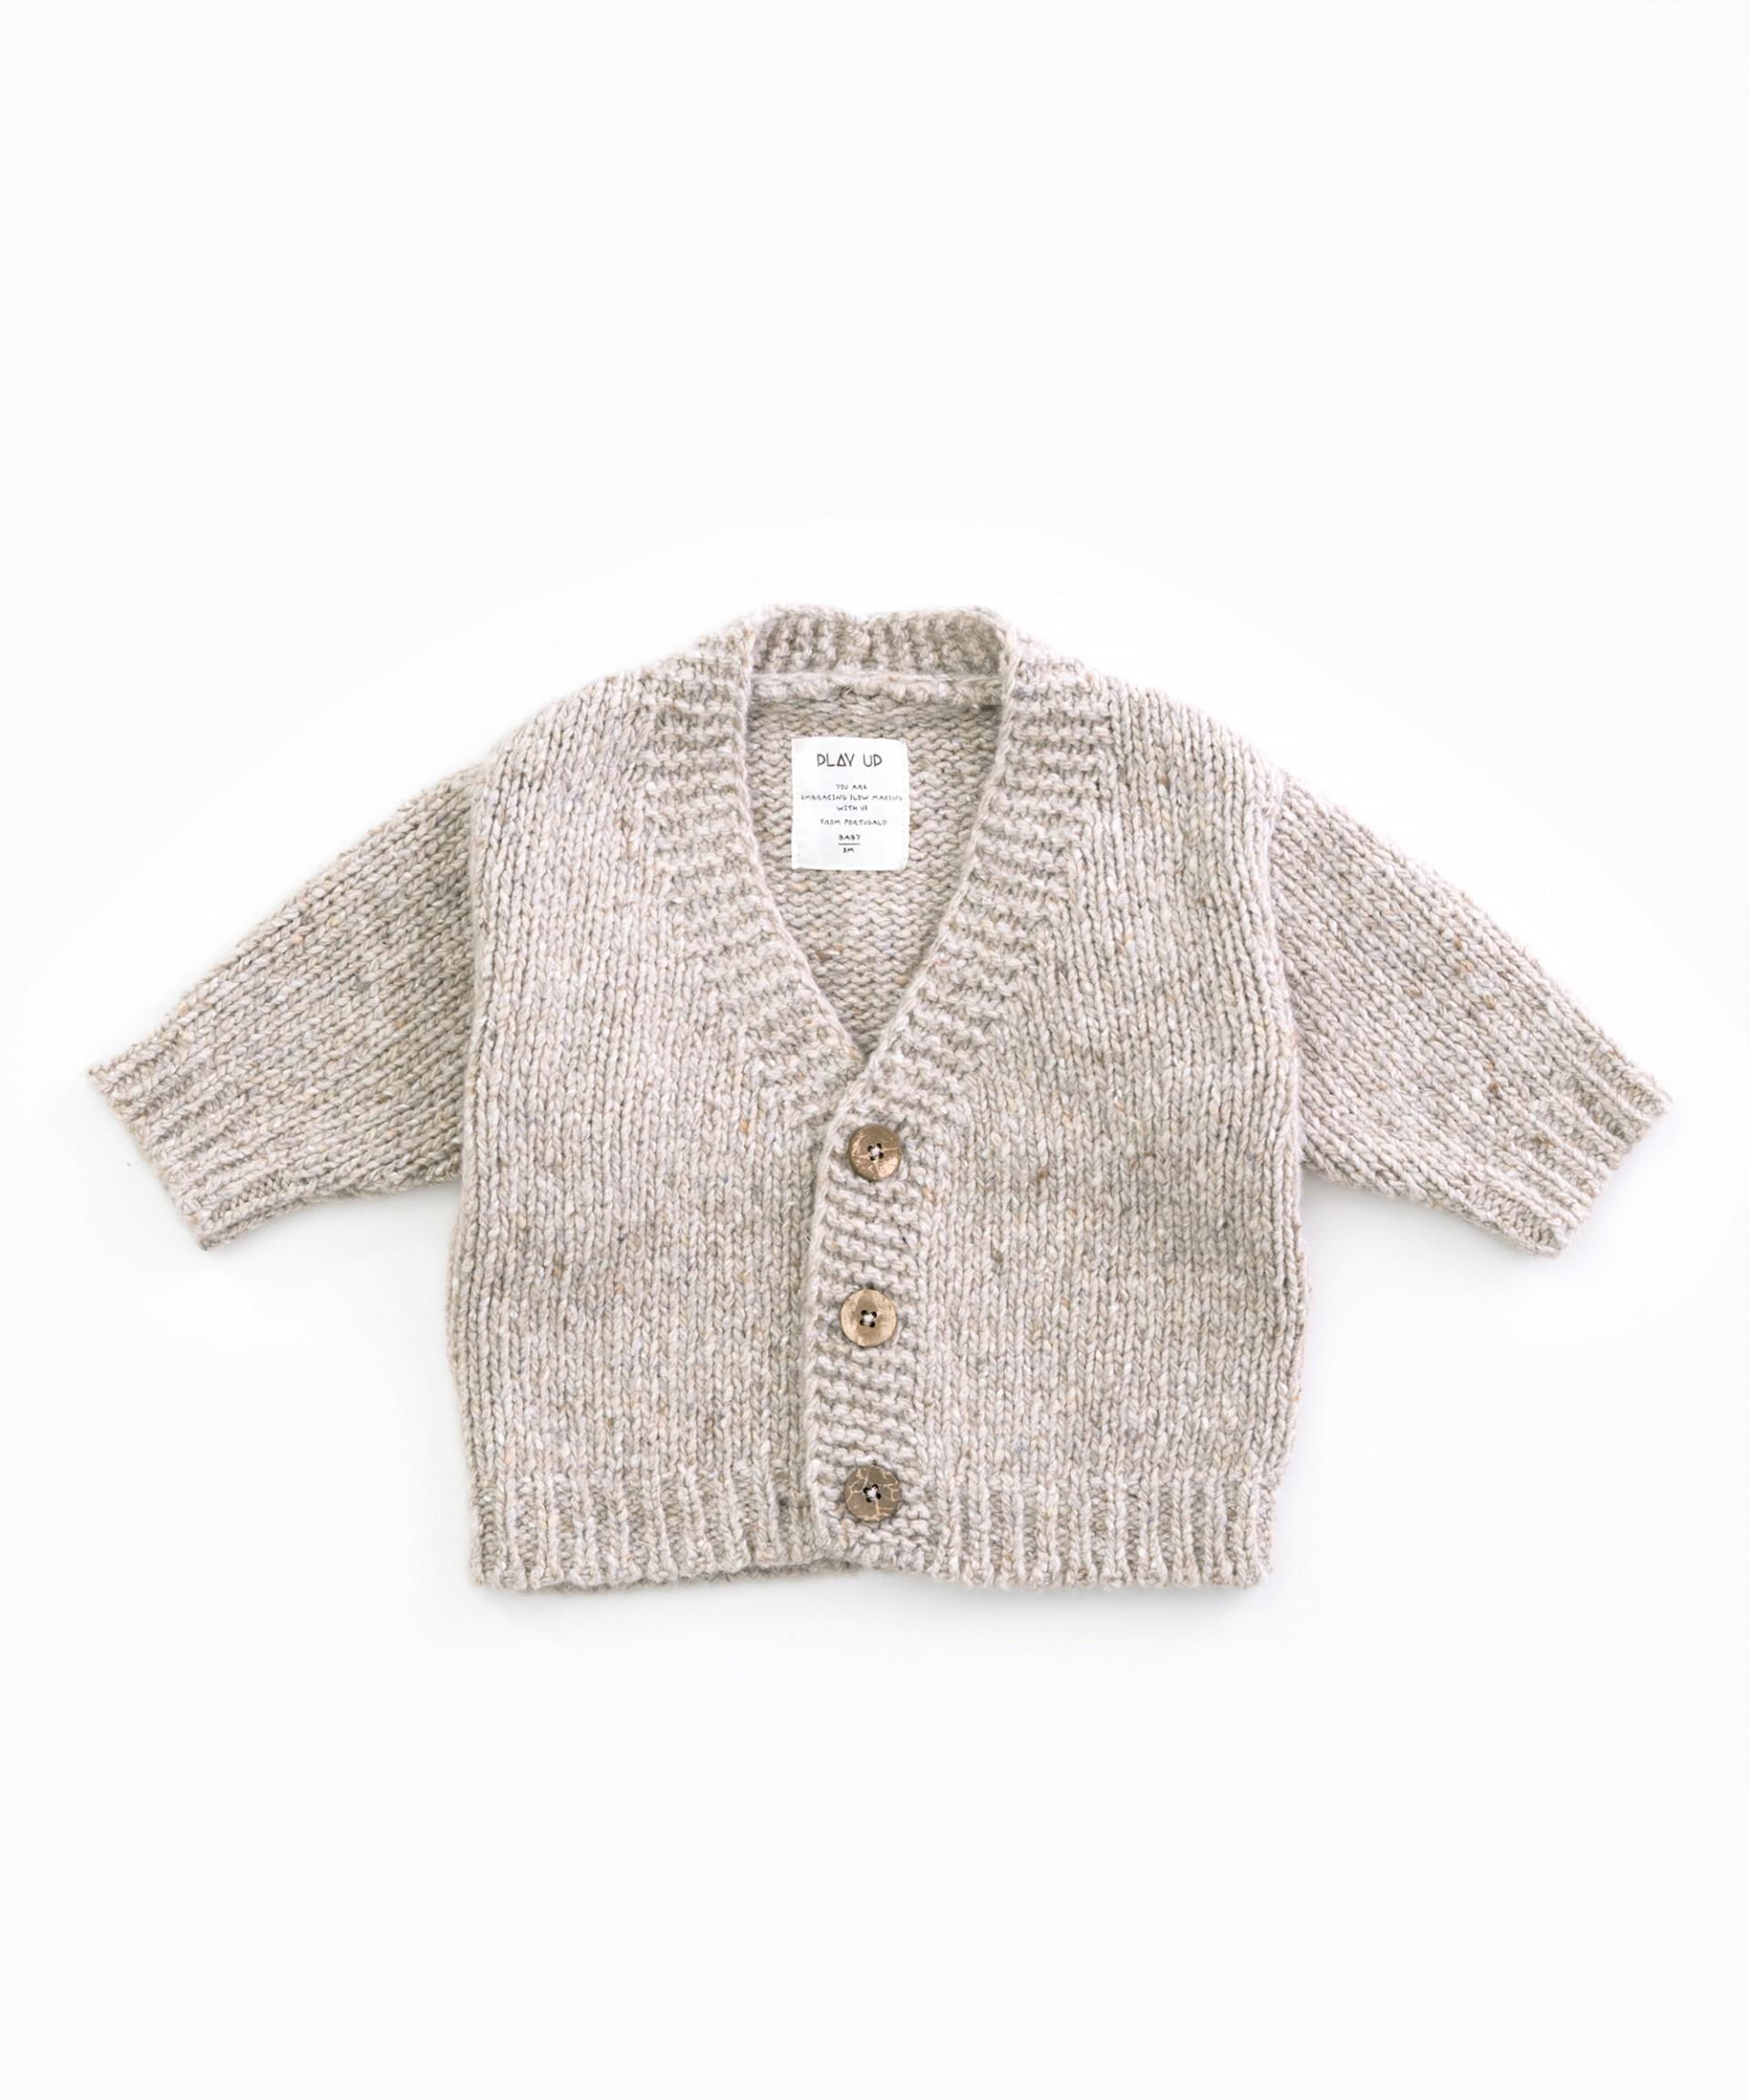 Casaco tricot com decote em V | Woodwork